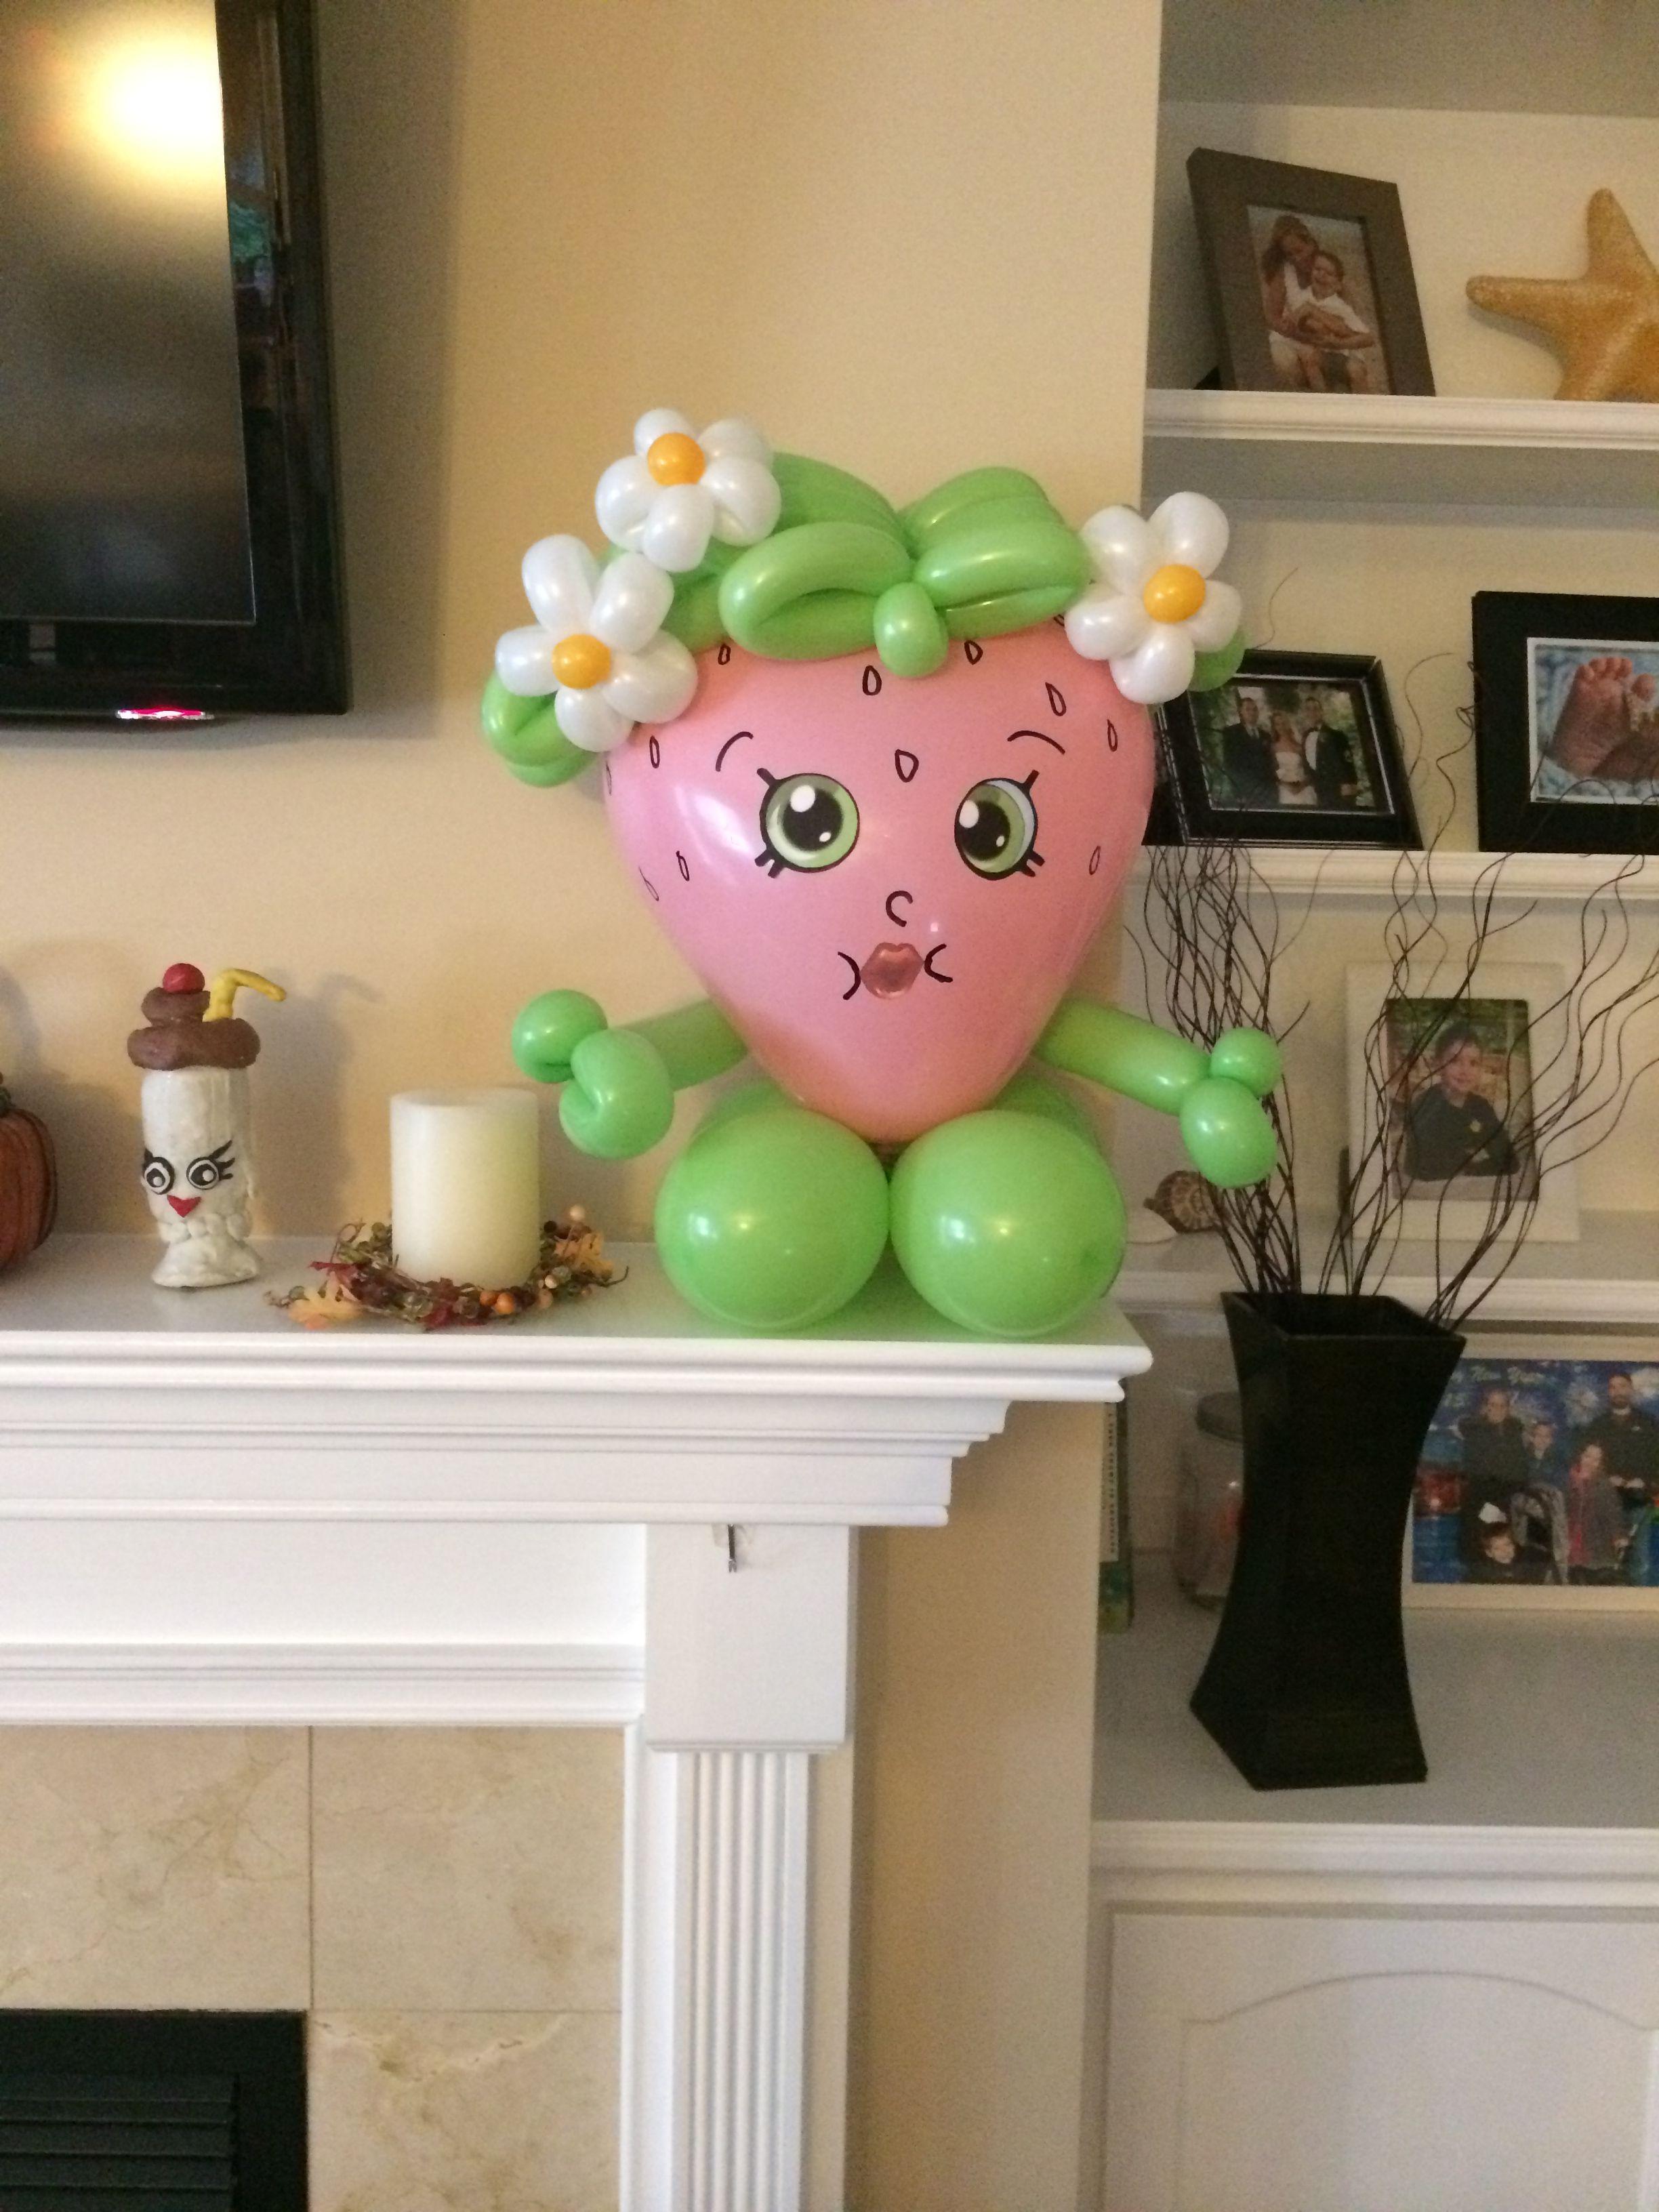 Crazy balloon animals - Shopkins Balloon Sculpture